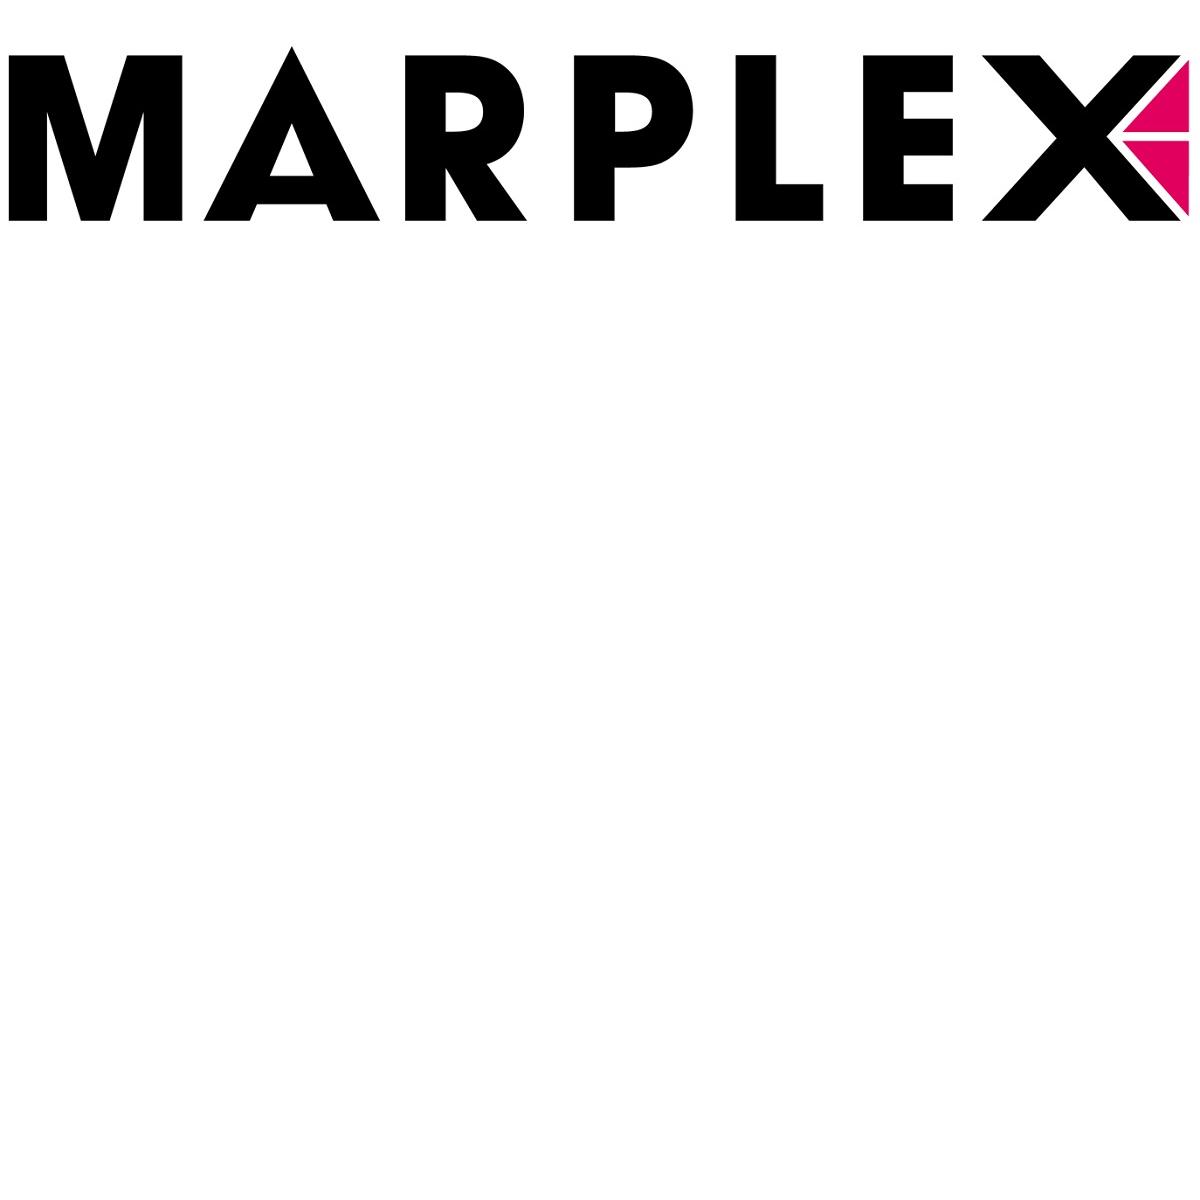 Marplex